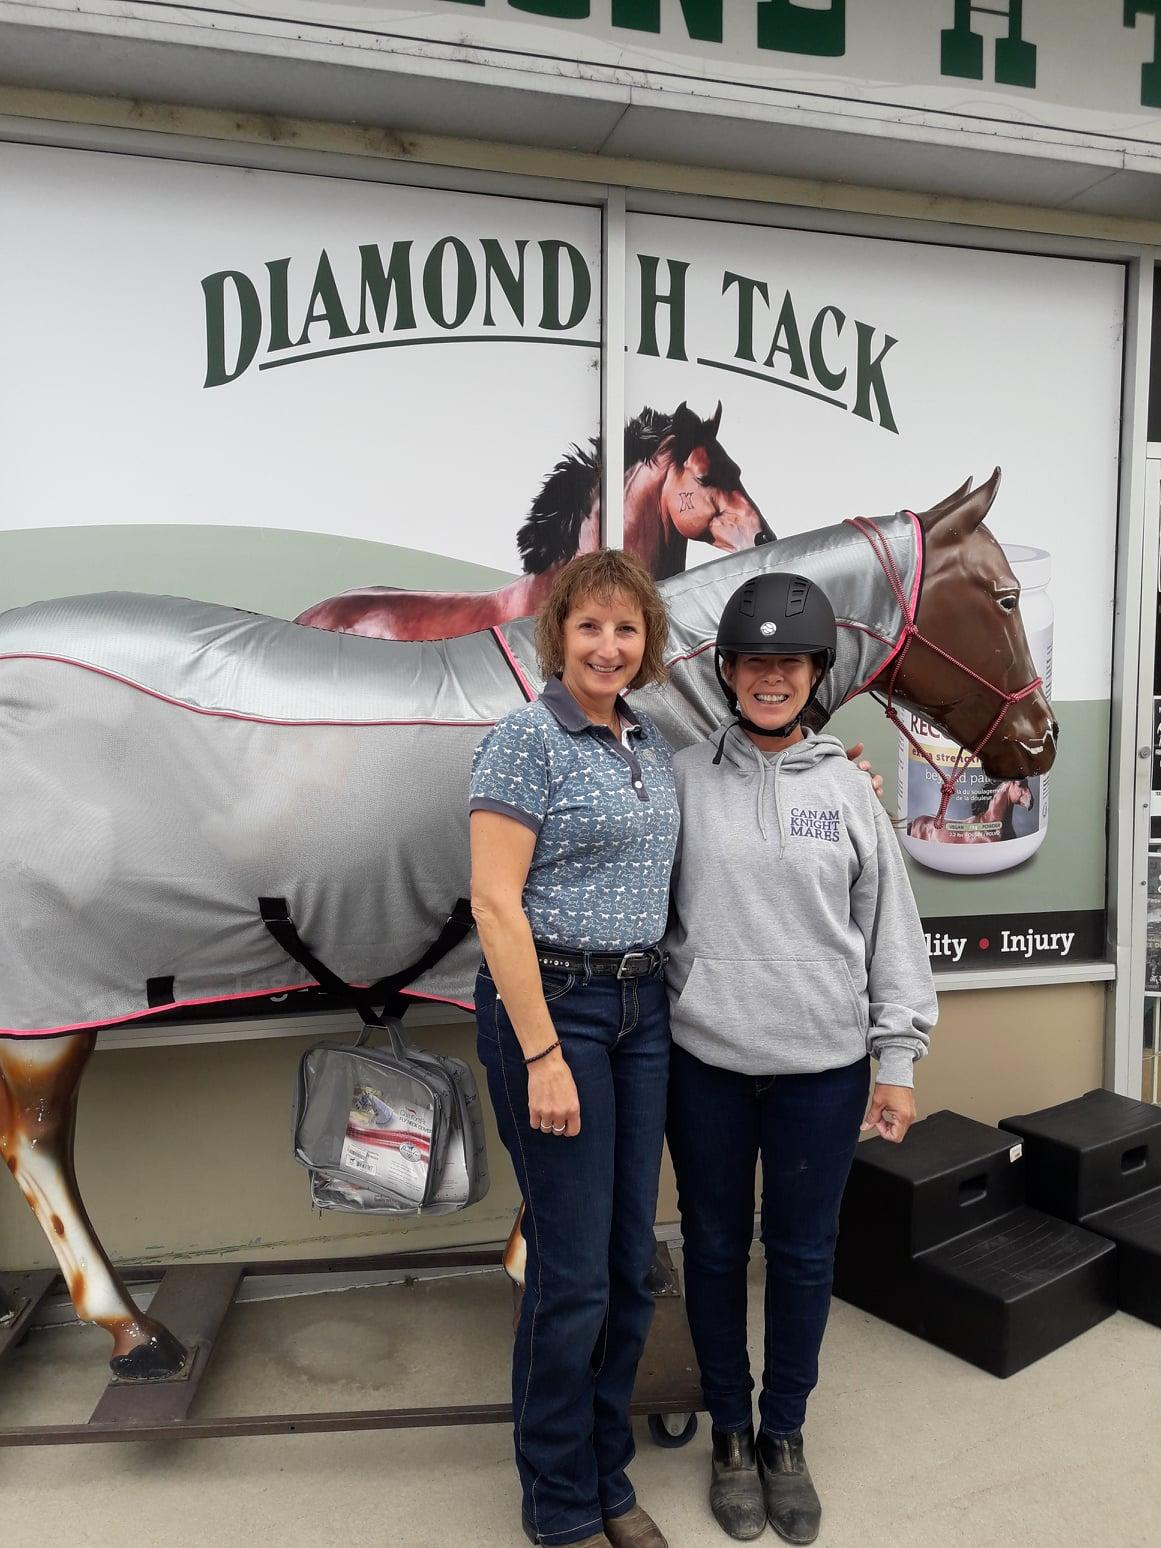 Diamond H Tack